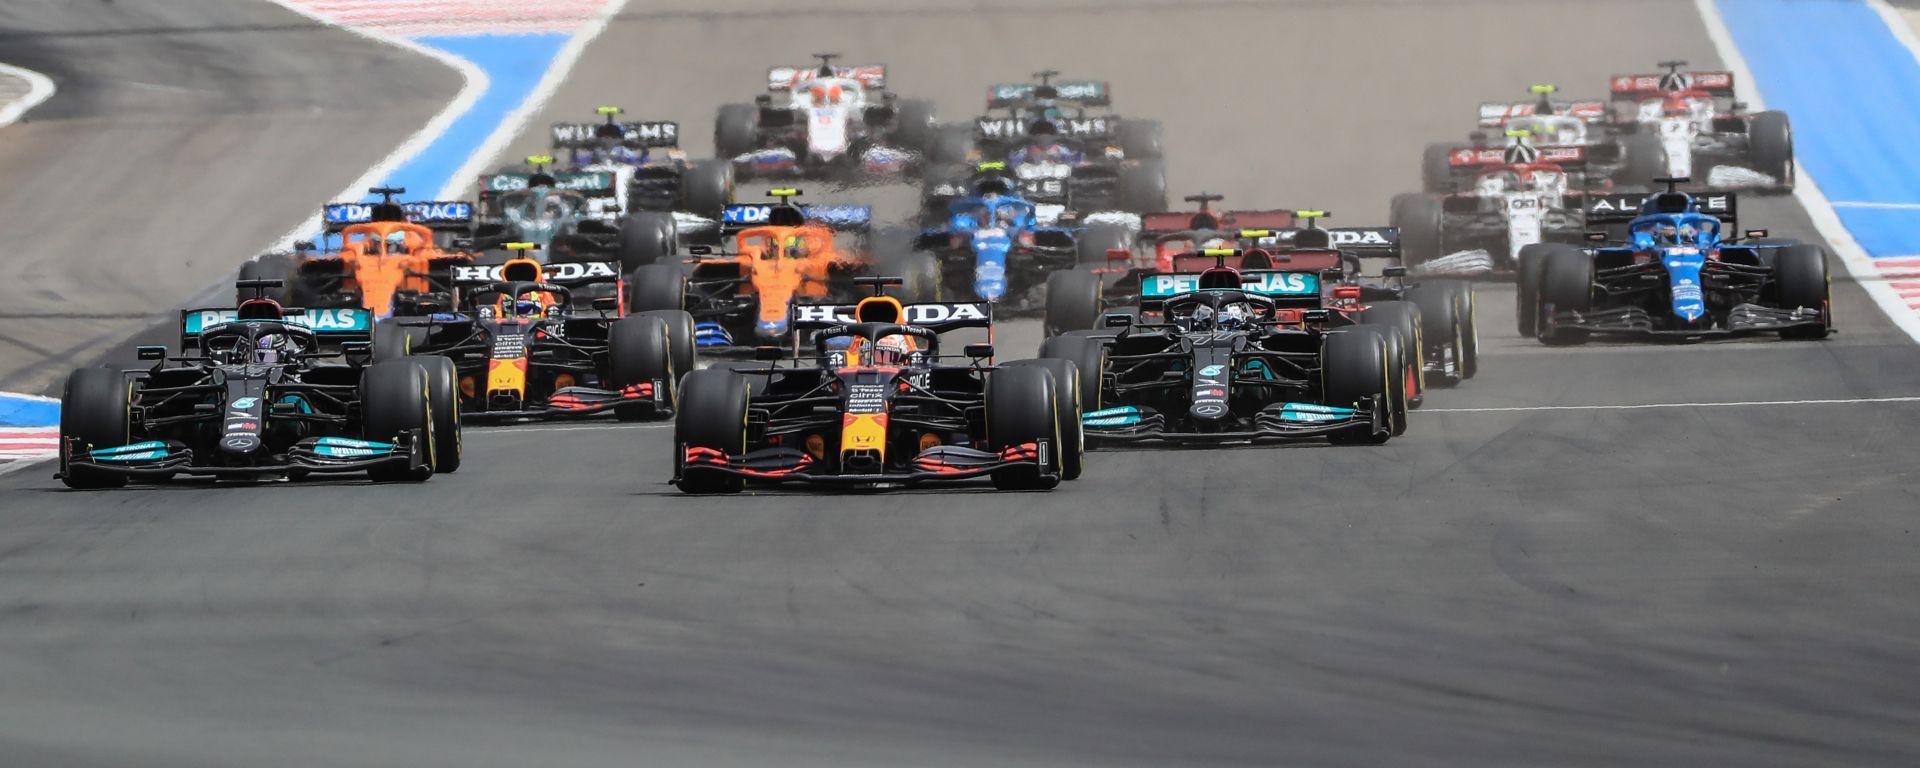 F1 GP Francia 2021, Le Castellet: la partenza della gara